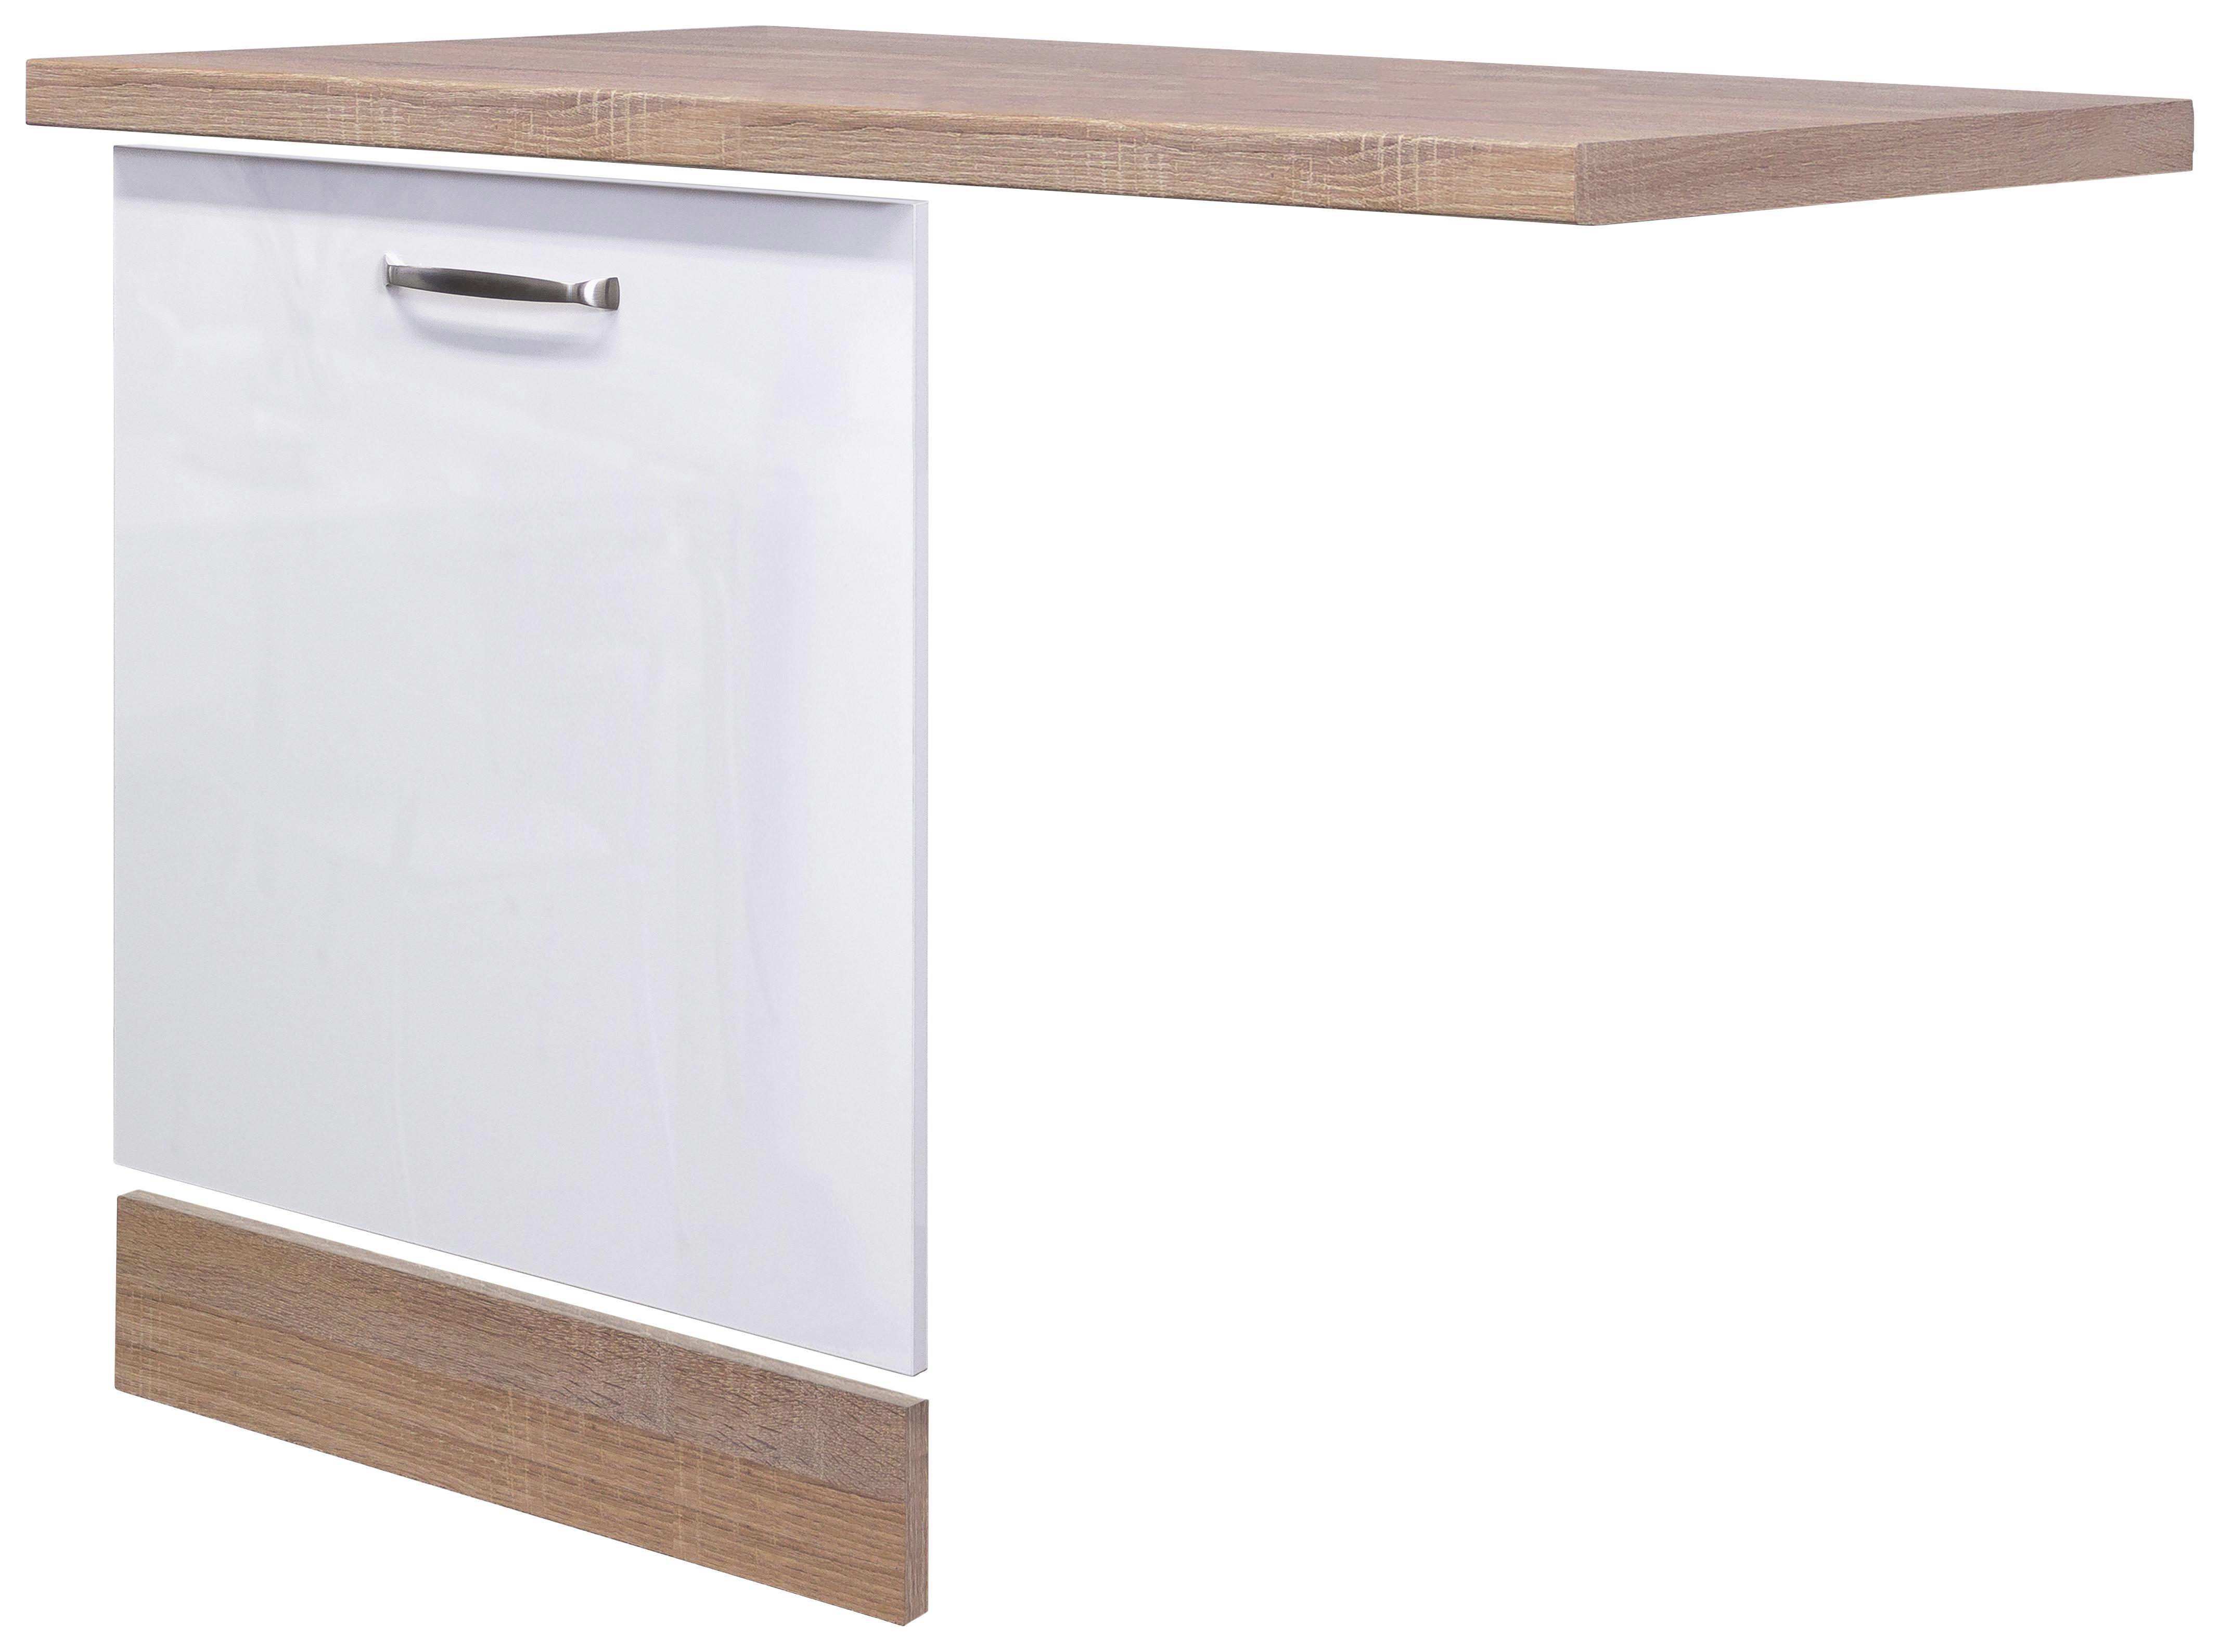 Küchenunterschrank Weiß Hochglanz/Eiche online kaufen ➤ mömax